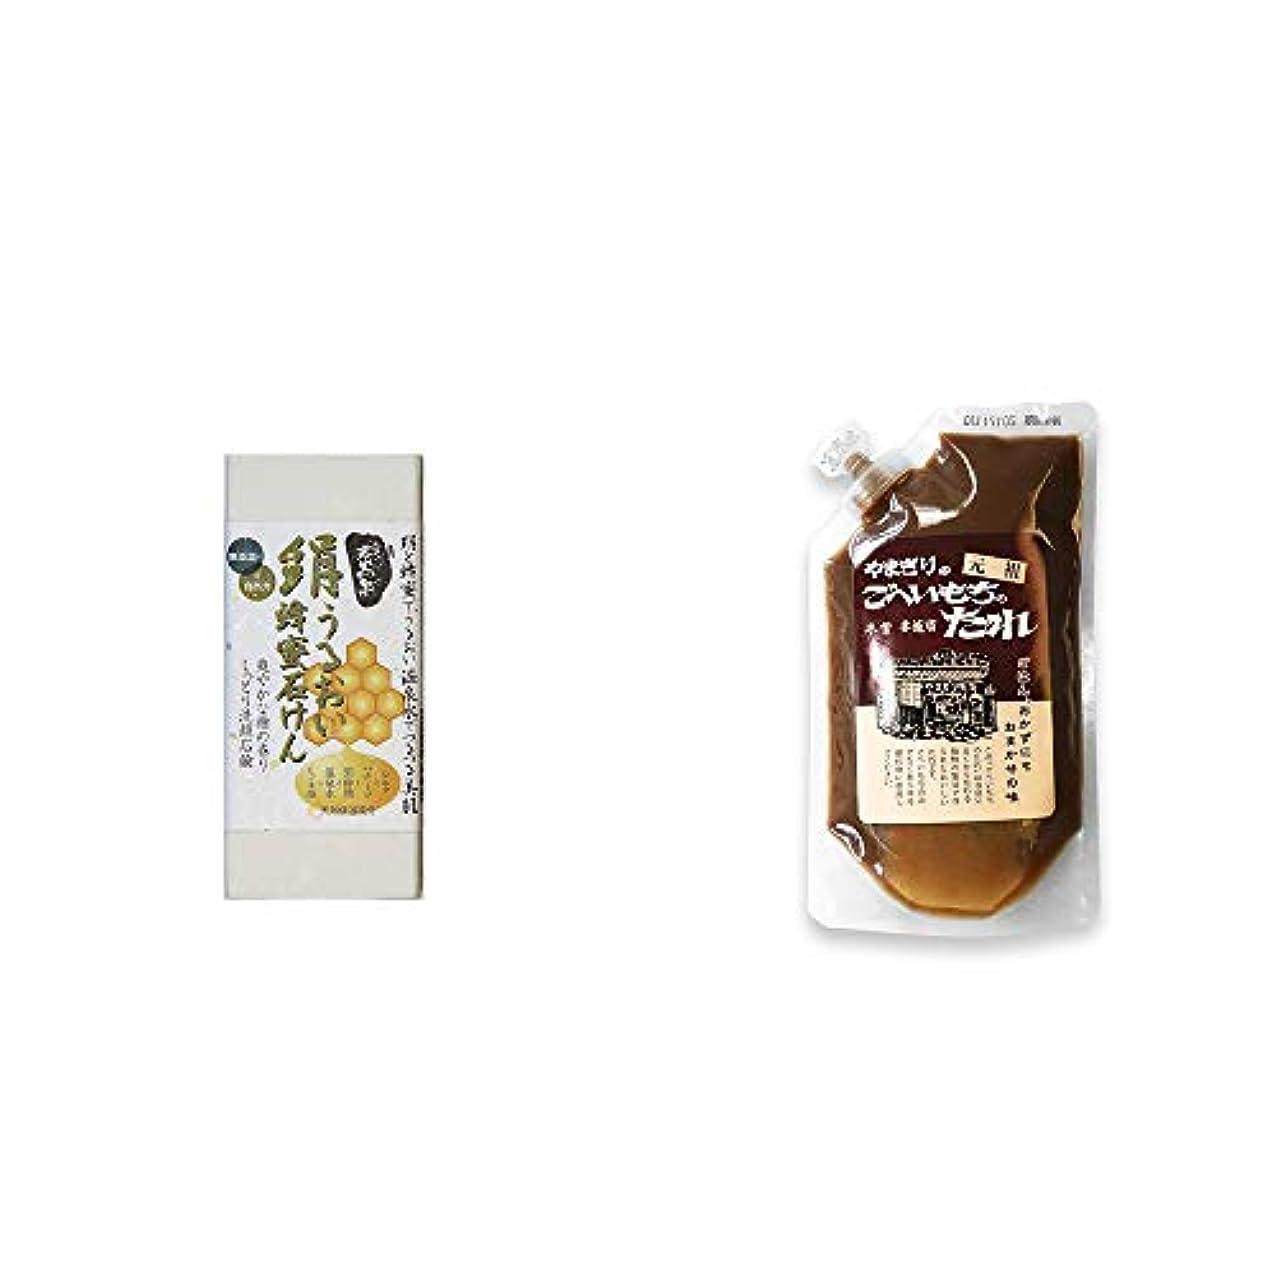 島植物の頭痛[2点セット] ひのき炭黒泉 絹うるおい蜂蜜石けん(75g×2)?妻籠宿 やまぎり食堂 ごへい餅のたれ(250g)